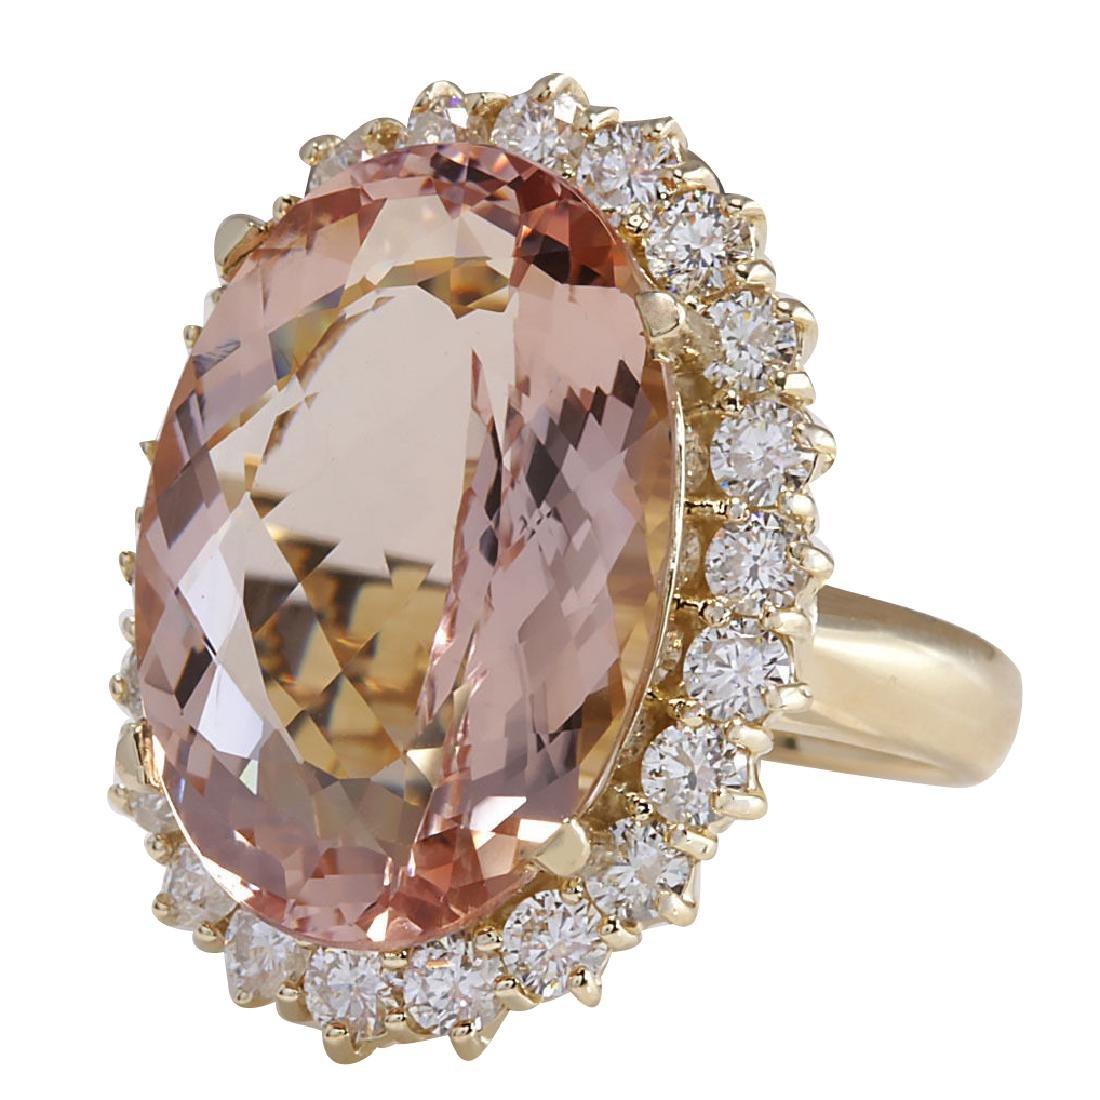 17.14CTW Natural Morganite And Diamond Ring In 18K - 2